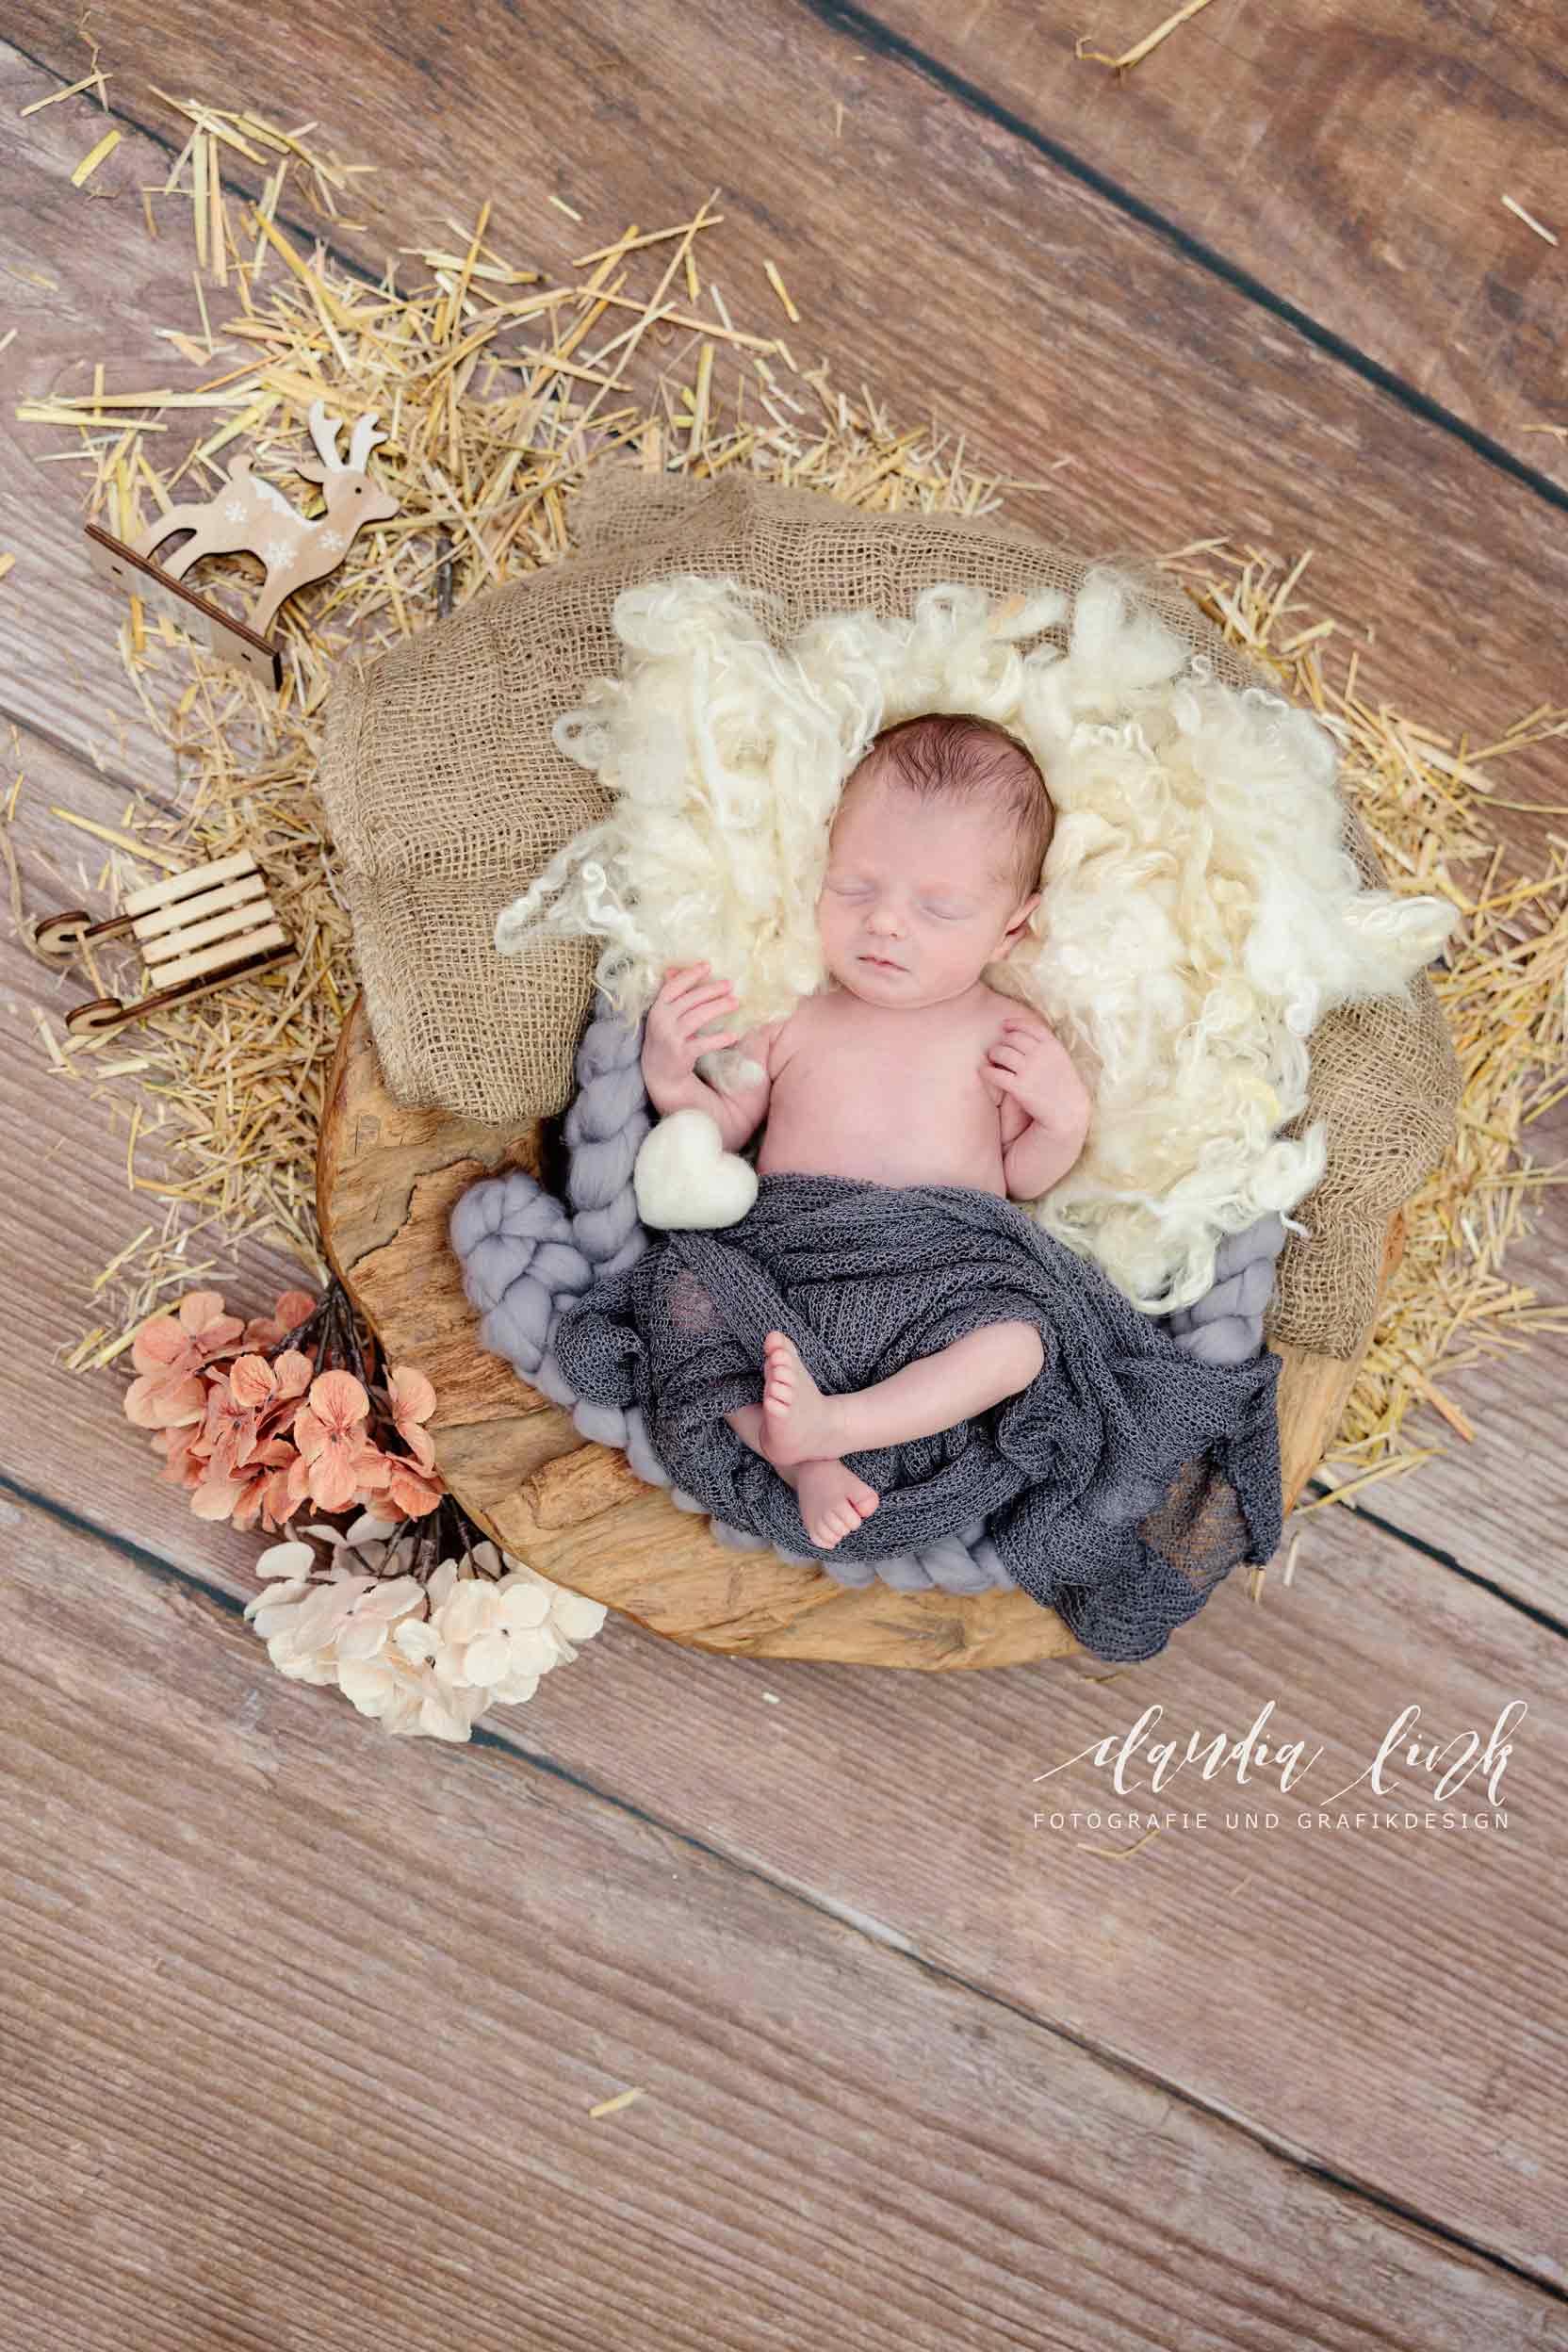 Newbornshooting – Ein schlafendes Baby verzaubert IMG 5125w